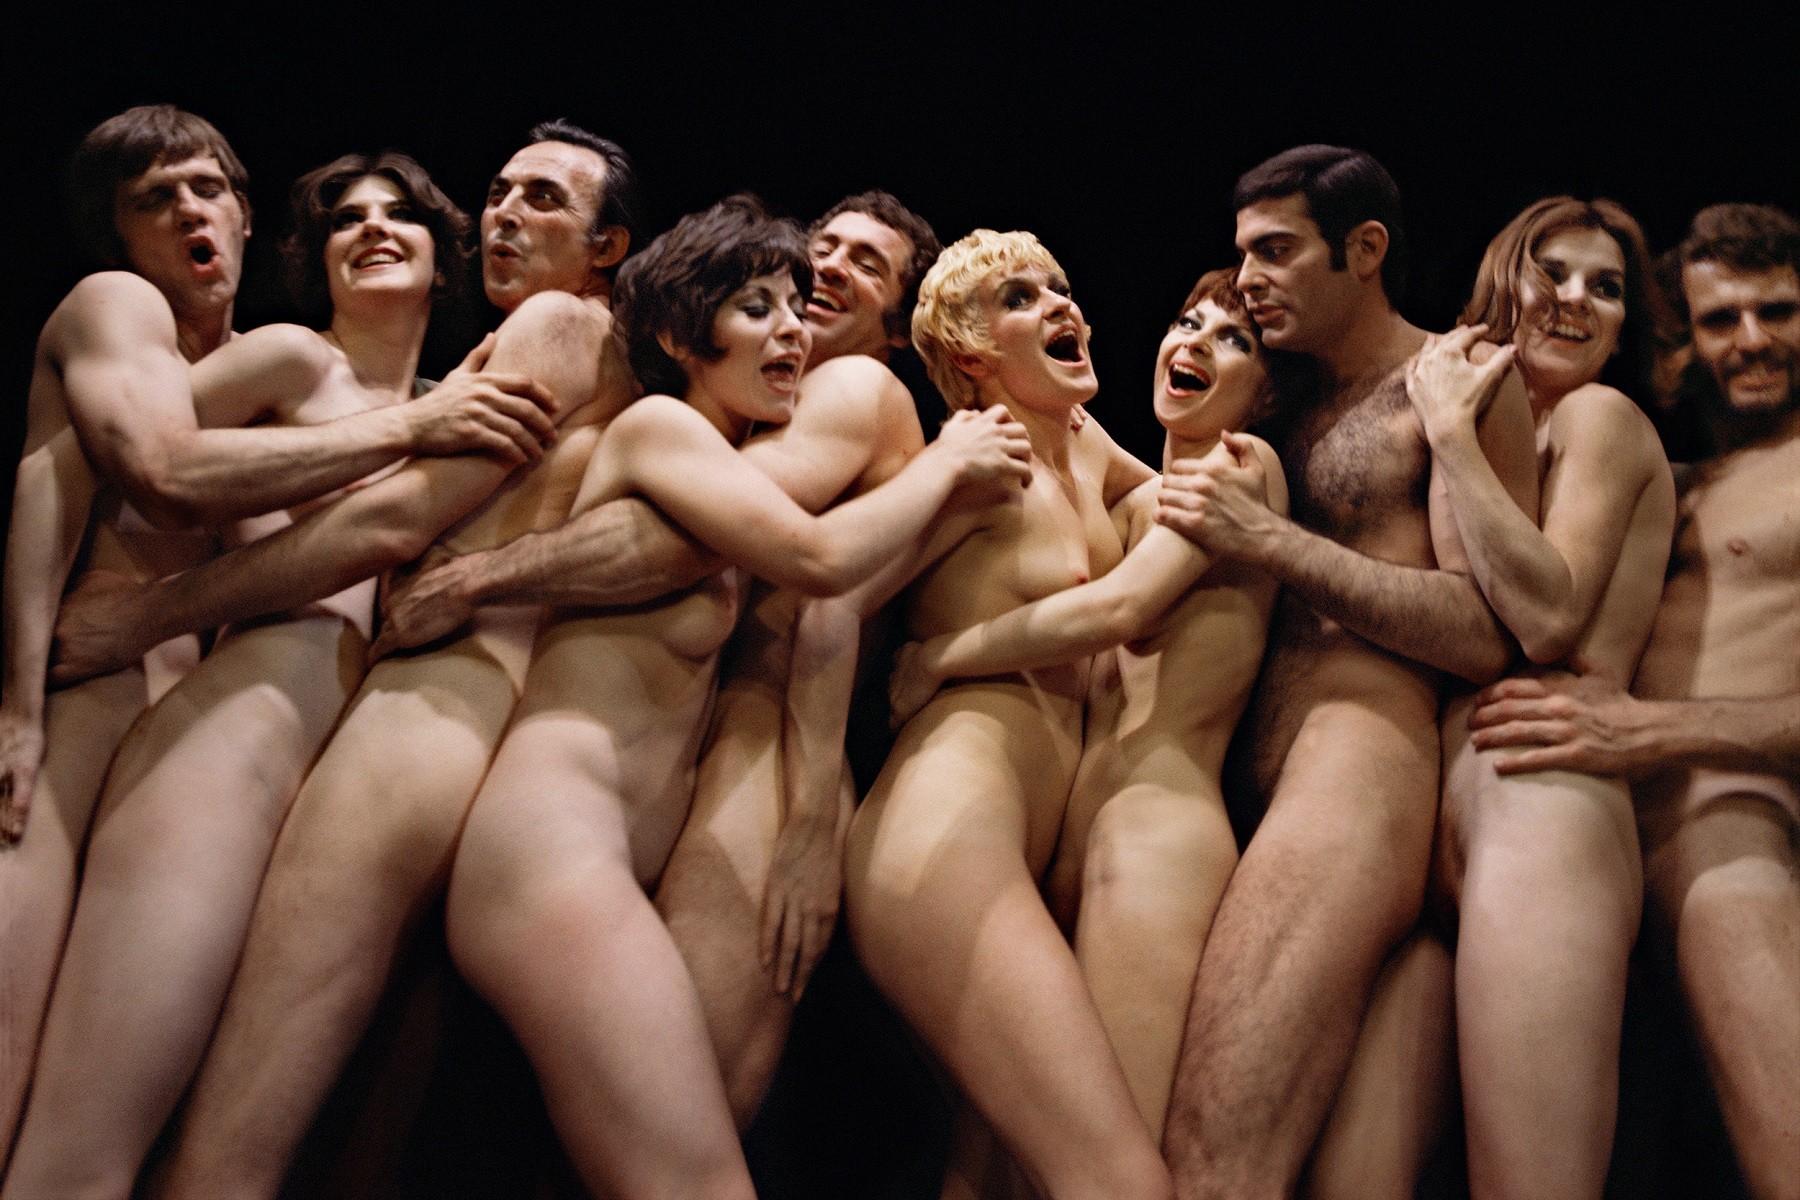 Смотреть бесплатно голые в театре, Видео 26 фотография